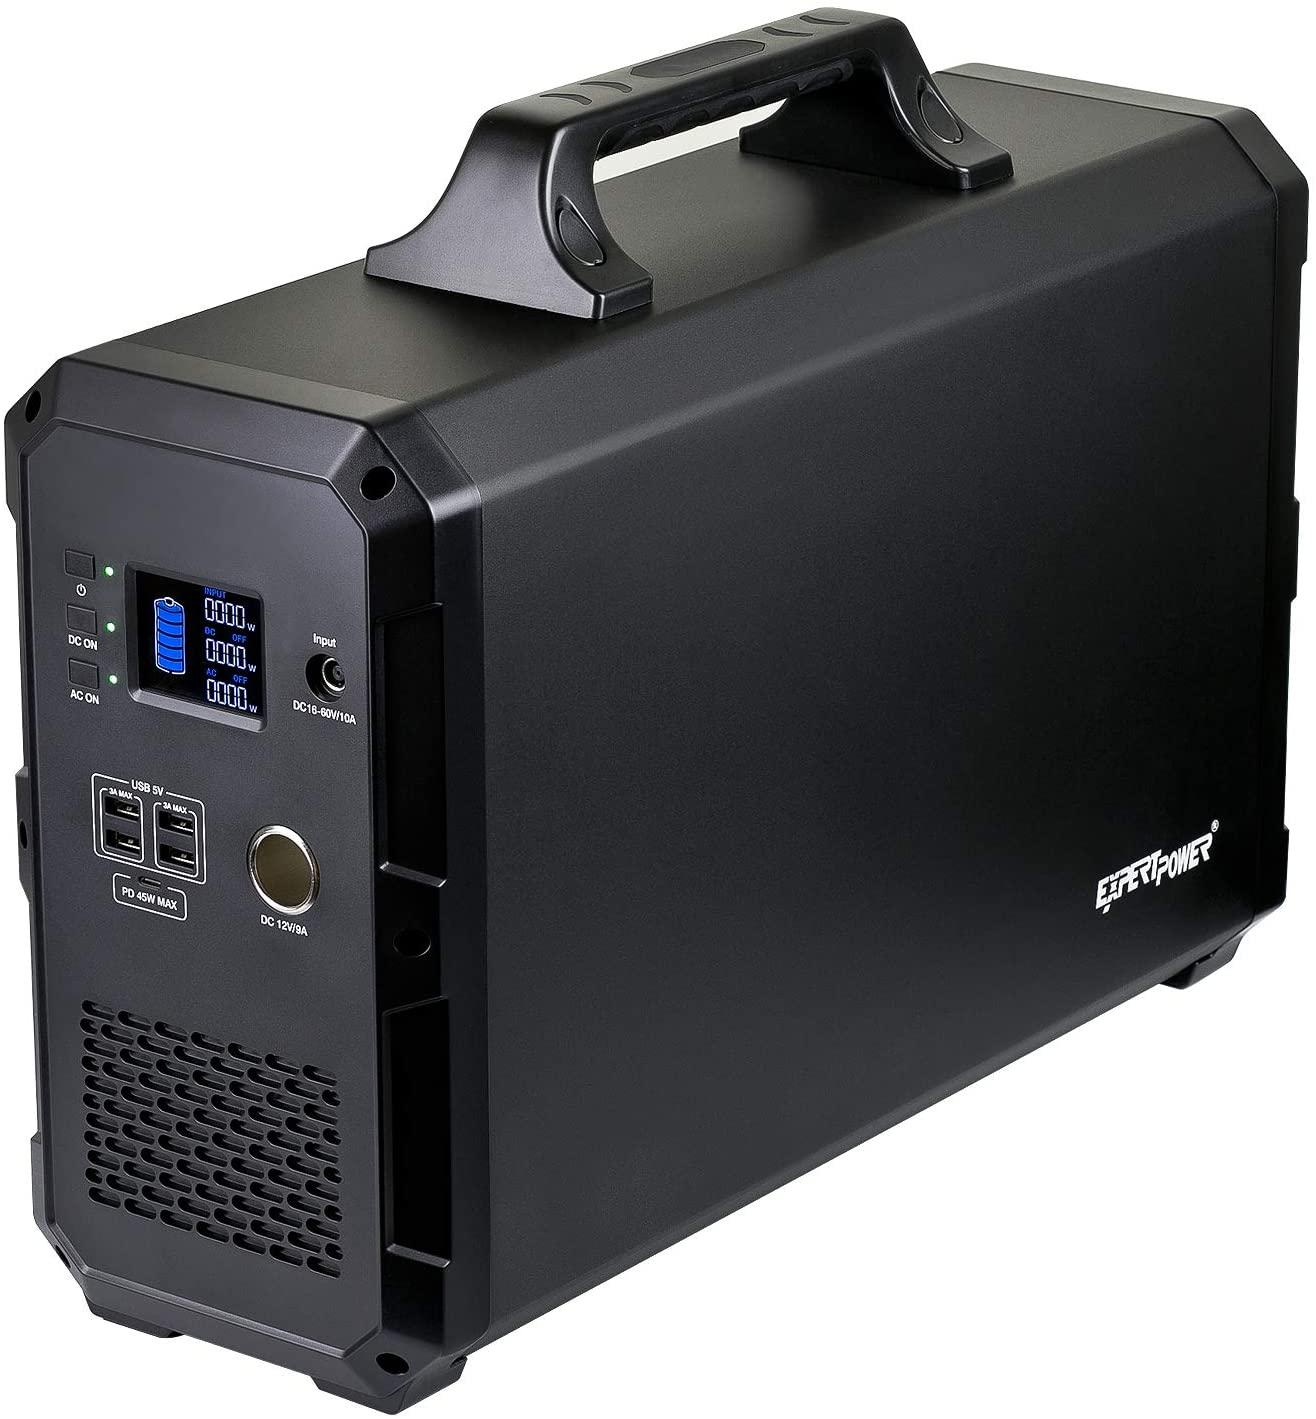 ExpertPower Alpha 2400 Lithium Portable Solar Generator